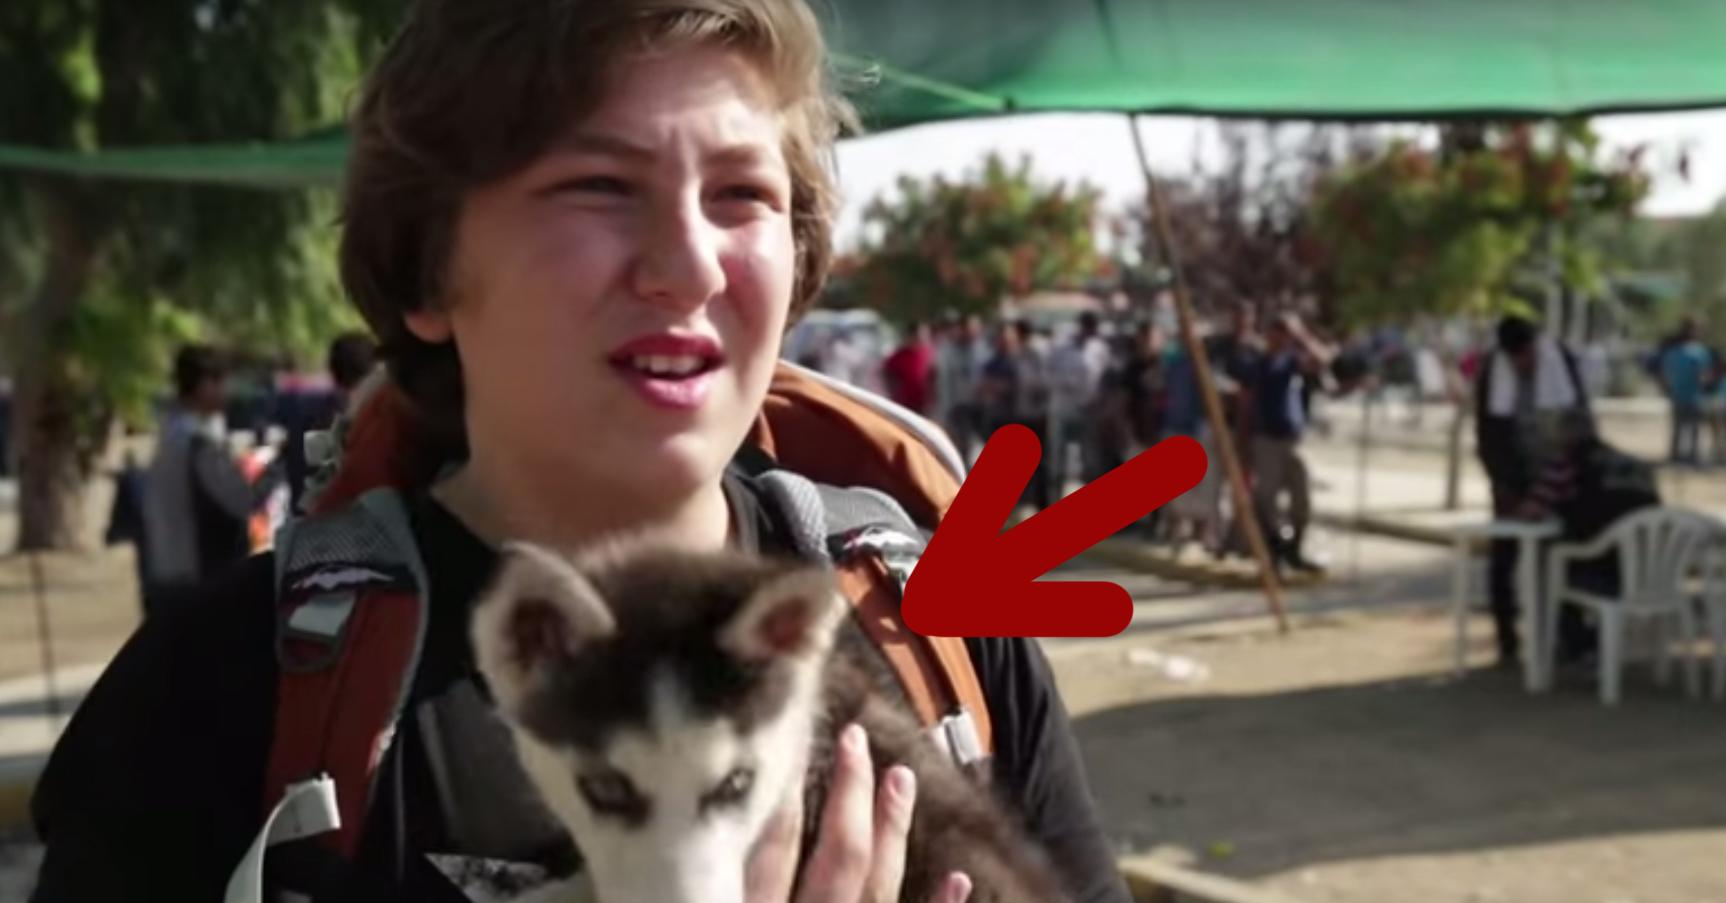 refugiado-cachorro-portada